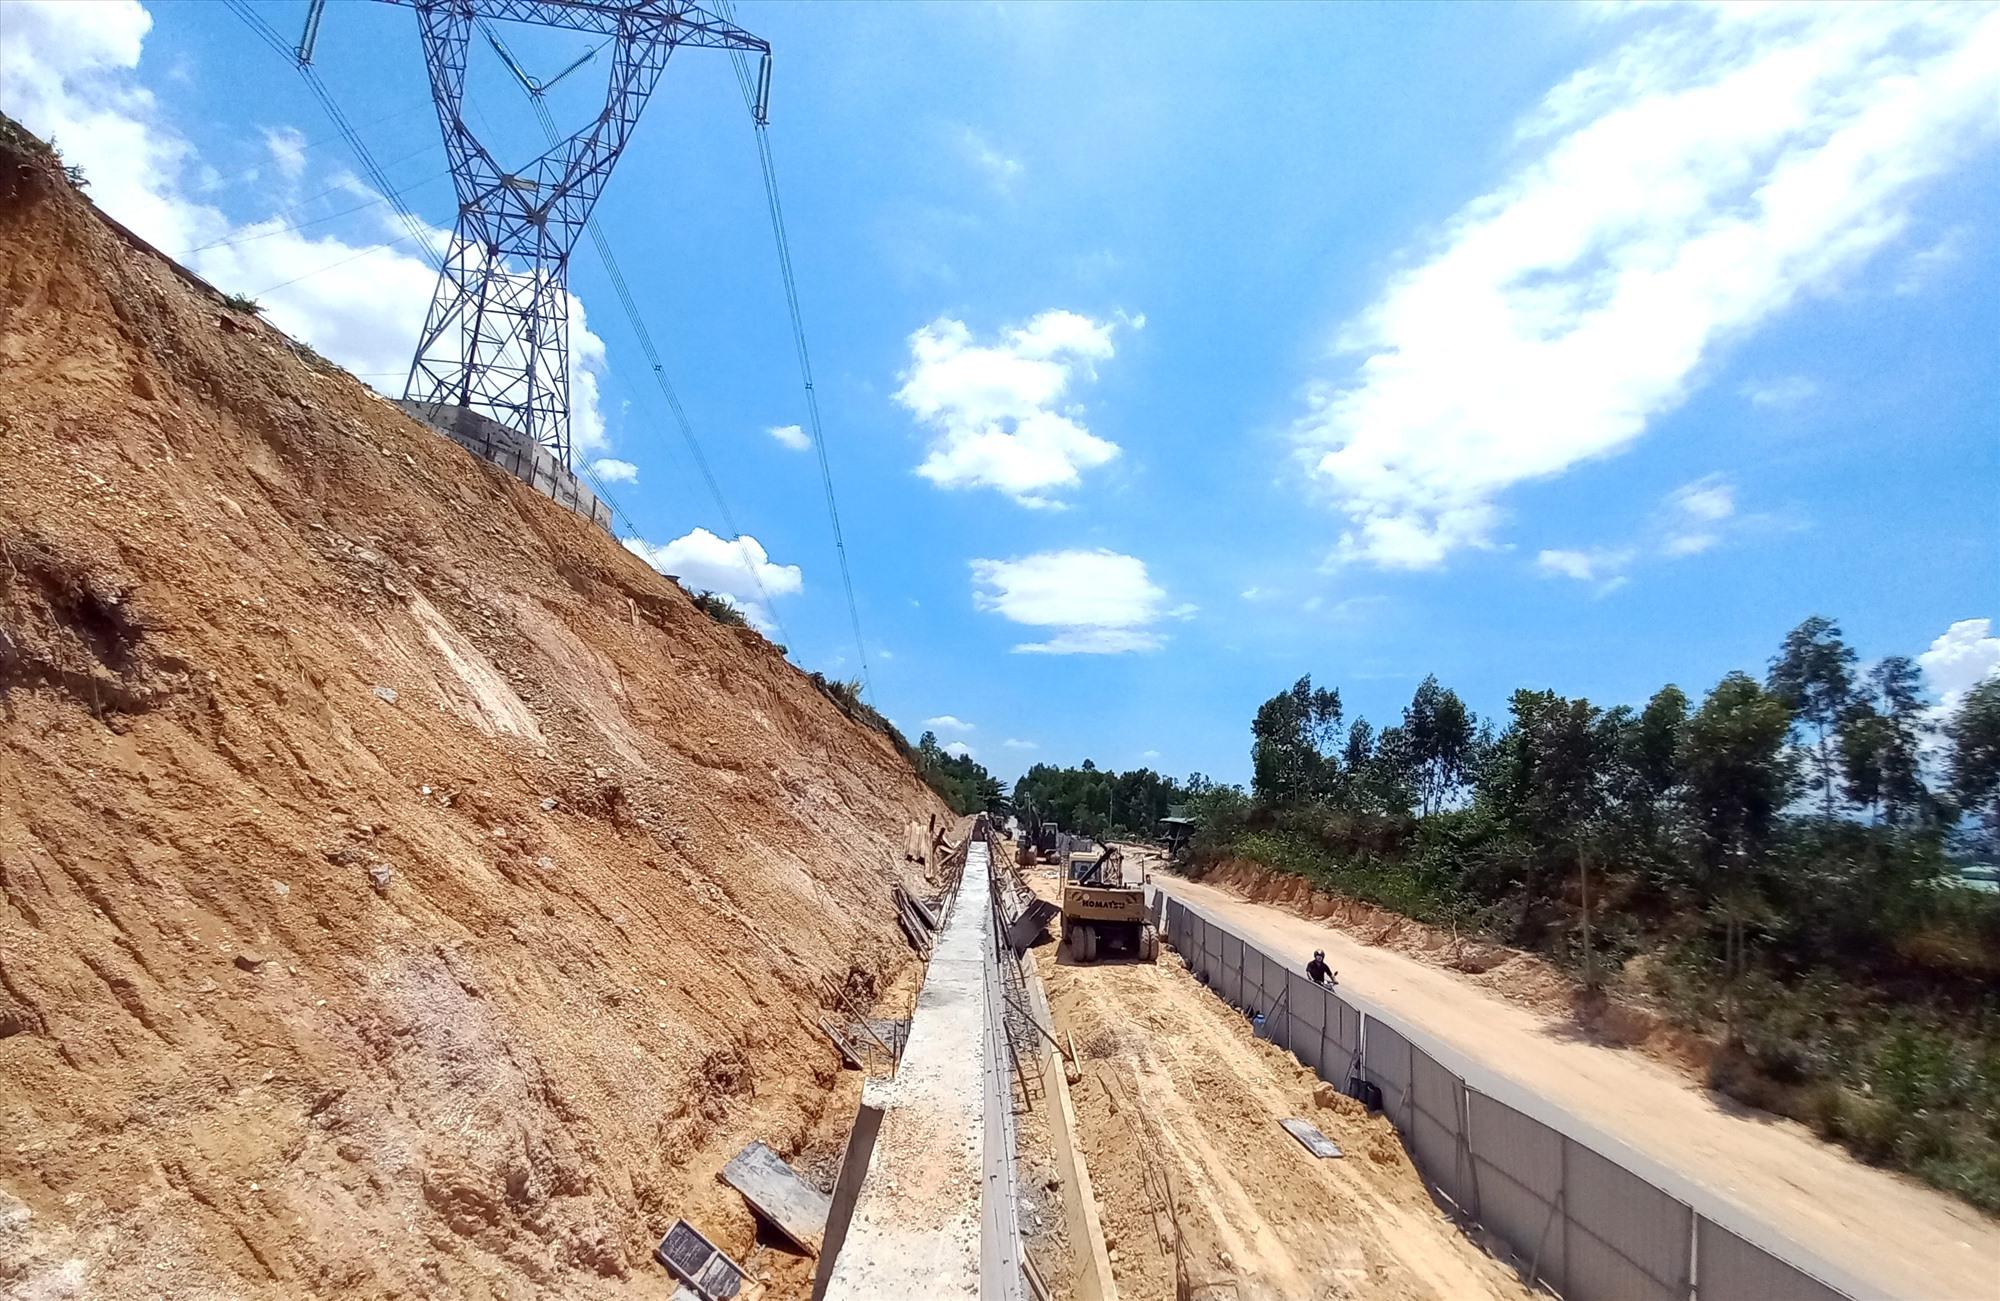 Công trình thi công sửa chữa khẩn cấp taluy dương quốc lộ 14B bị sạt lở đã đạt gần 80% khối lượng. Ảnh: C.T